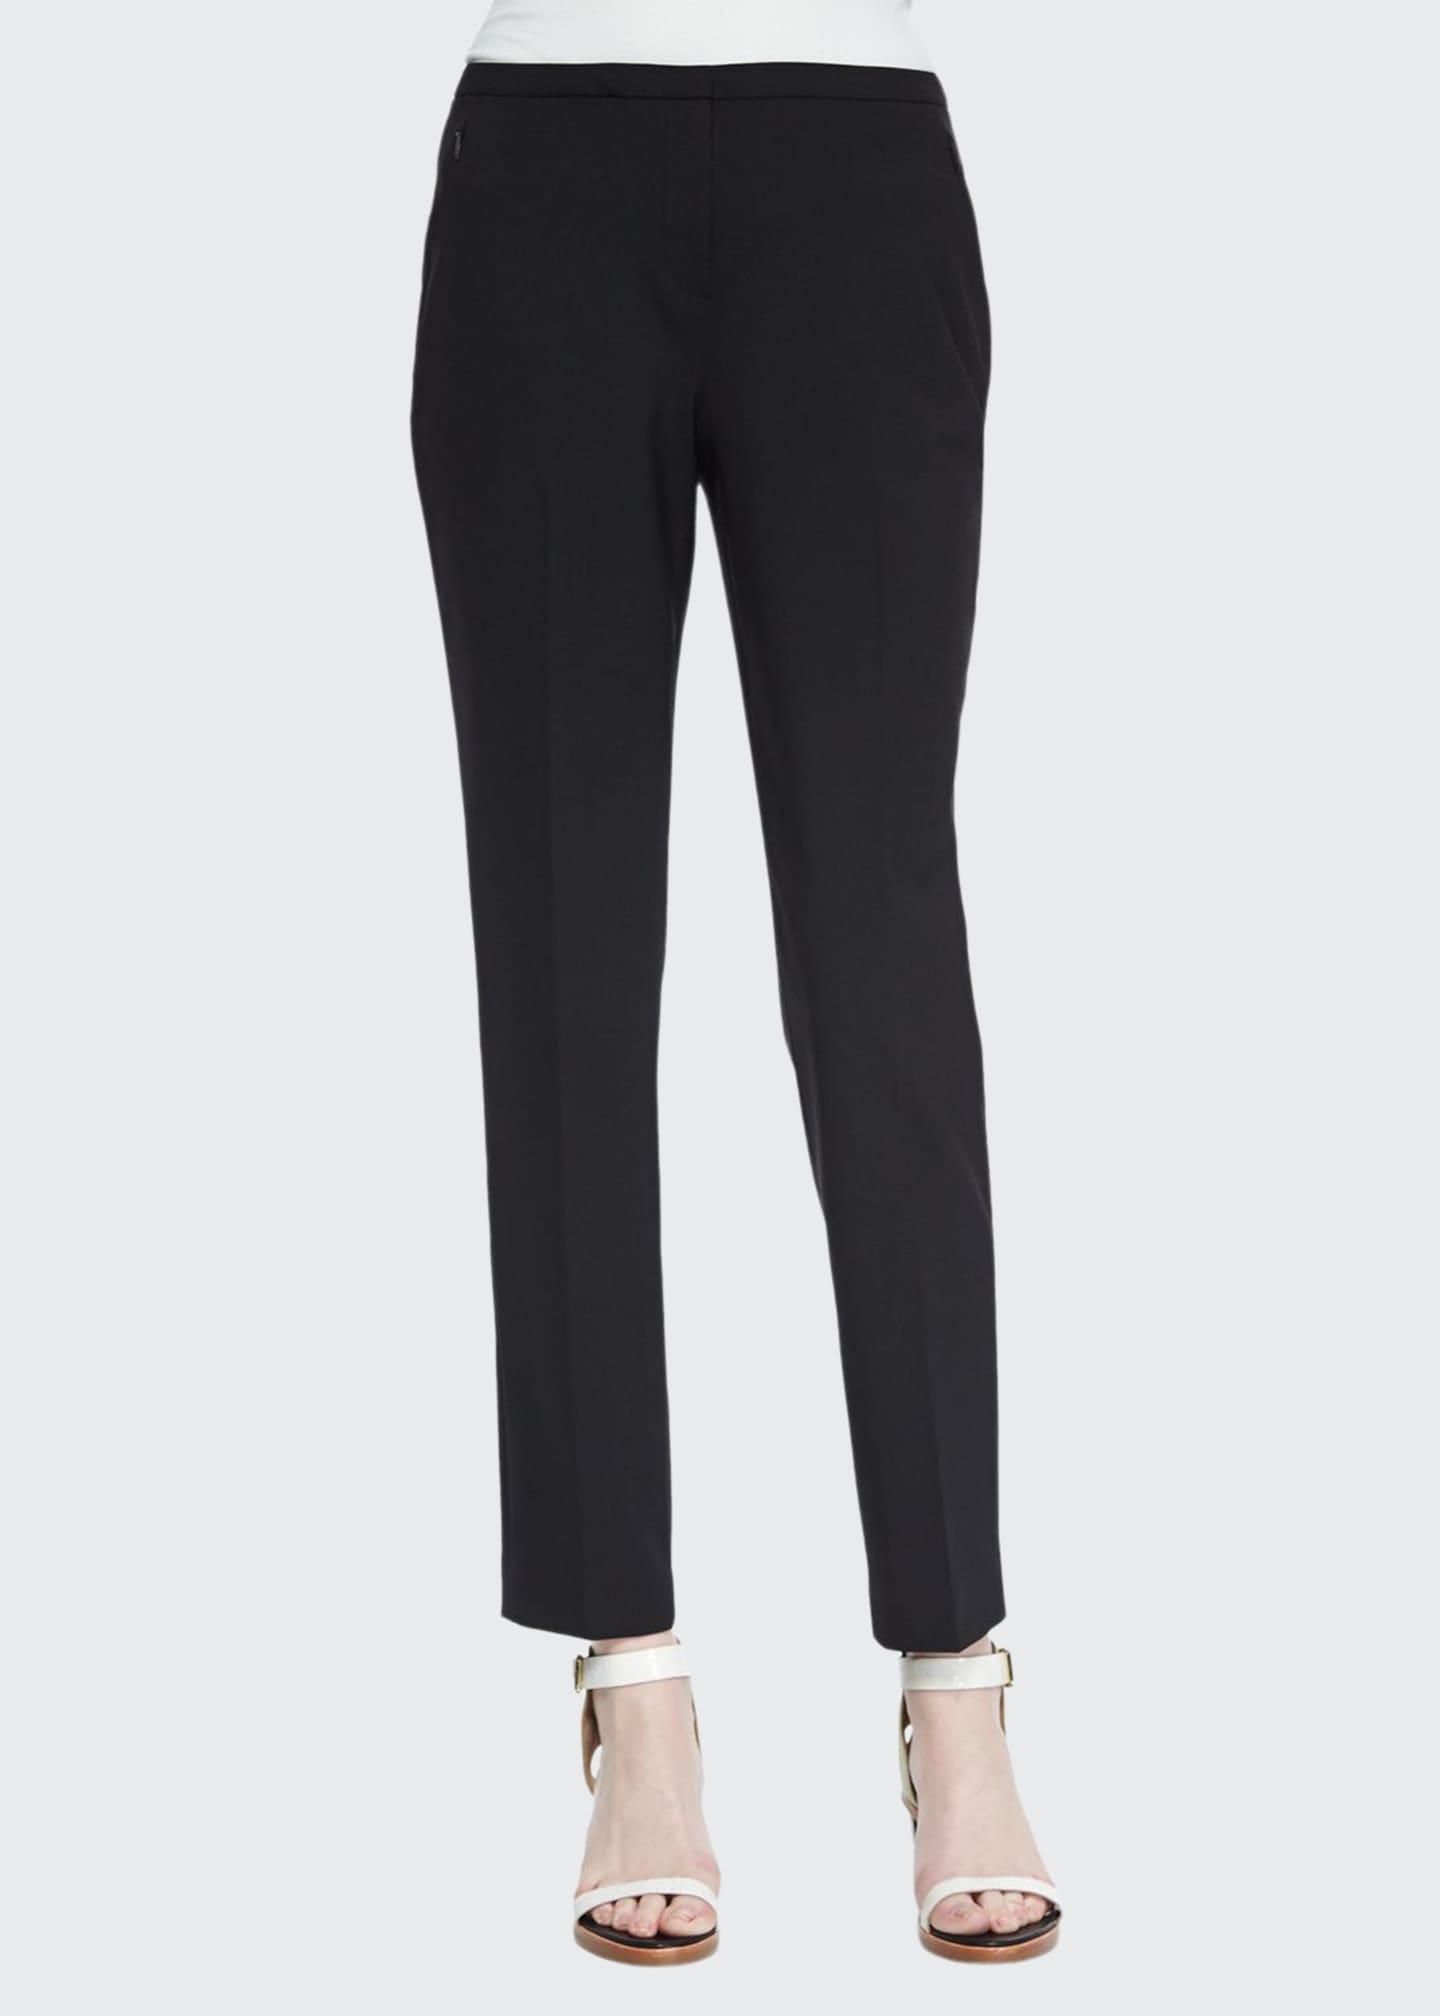 Elie Tahari Jillian Slim Wool Pants, Black